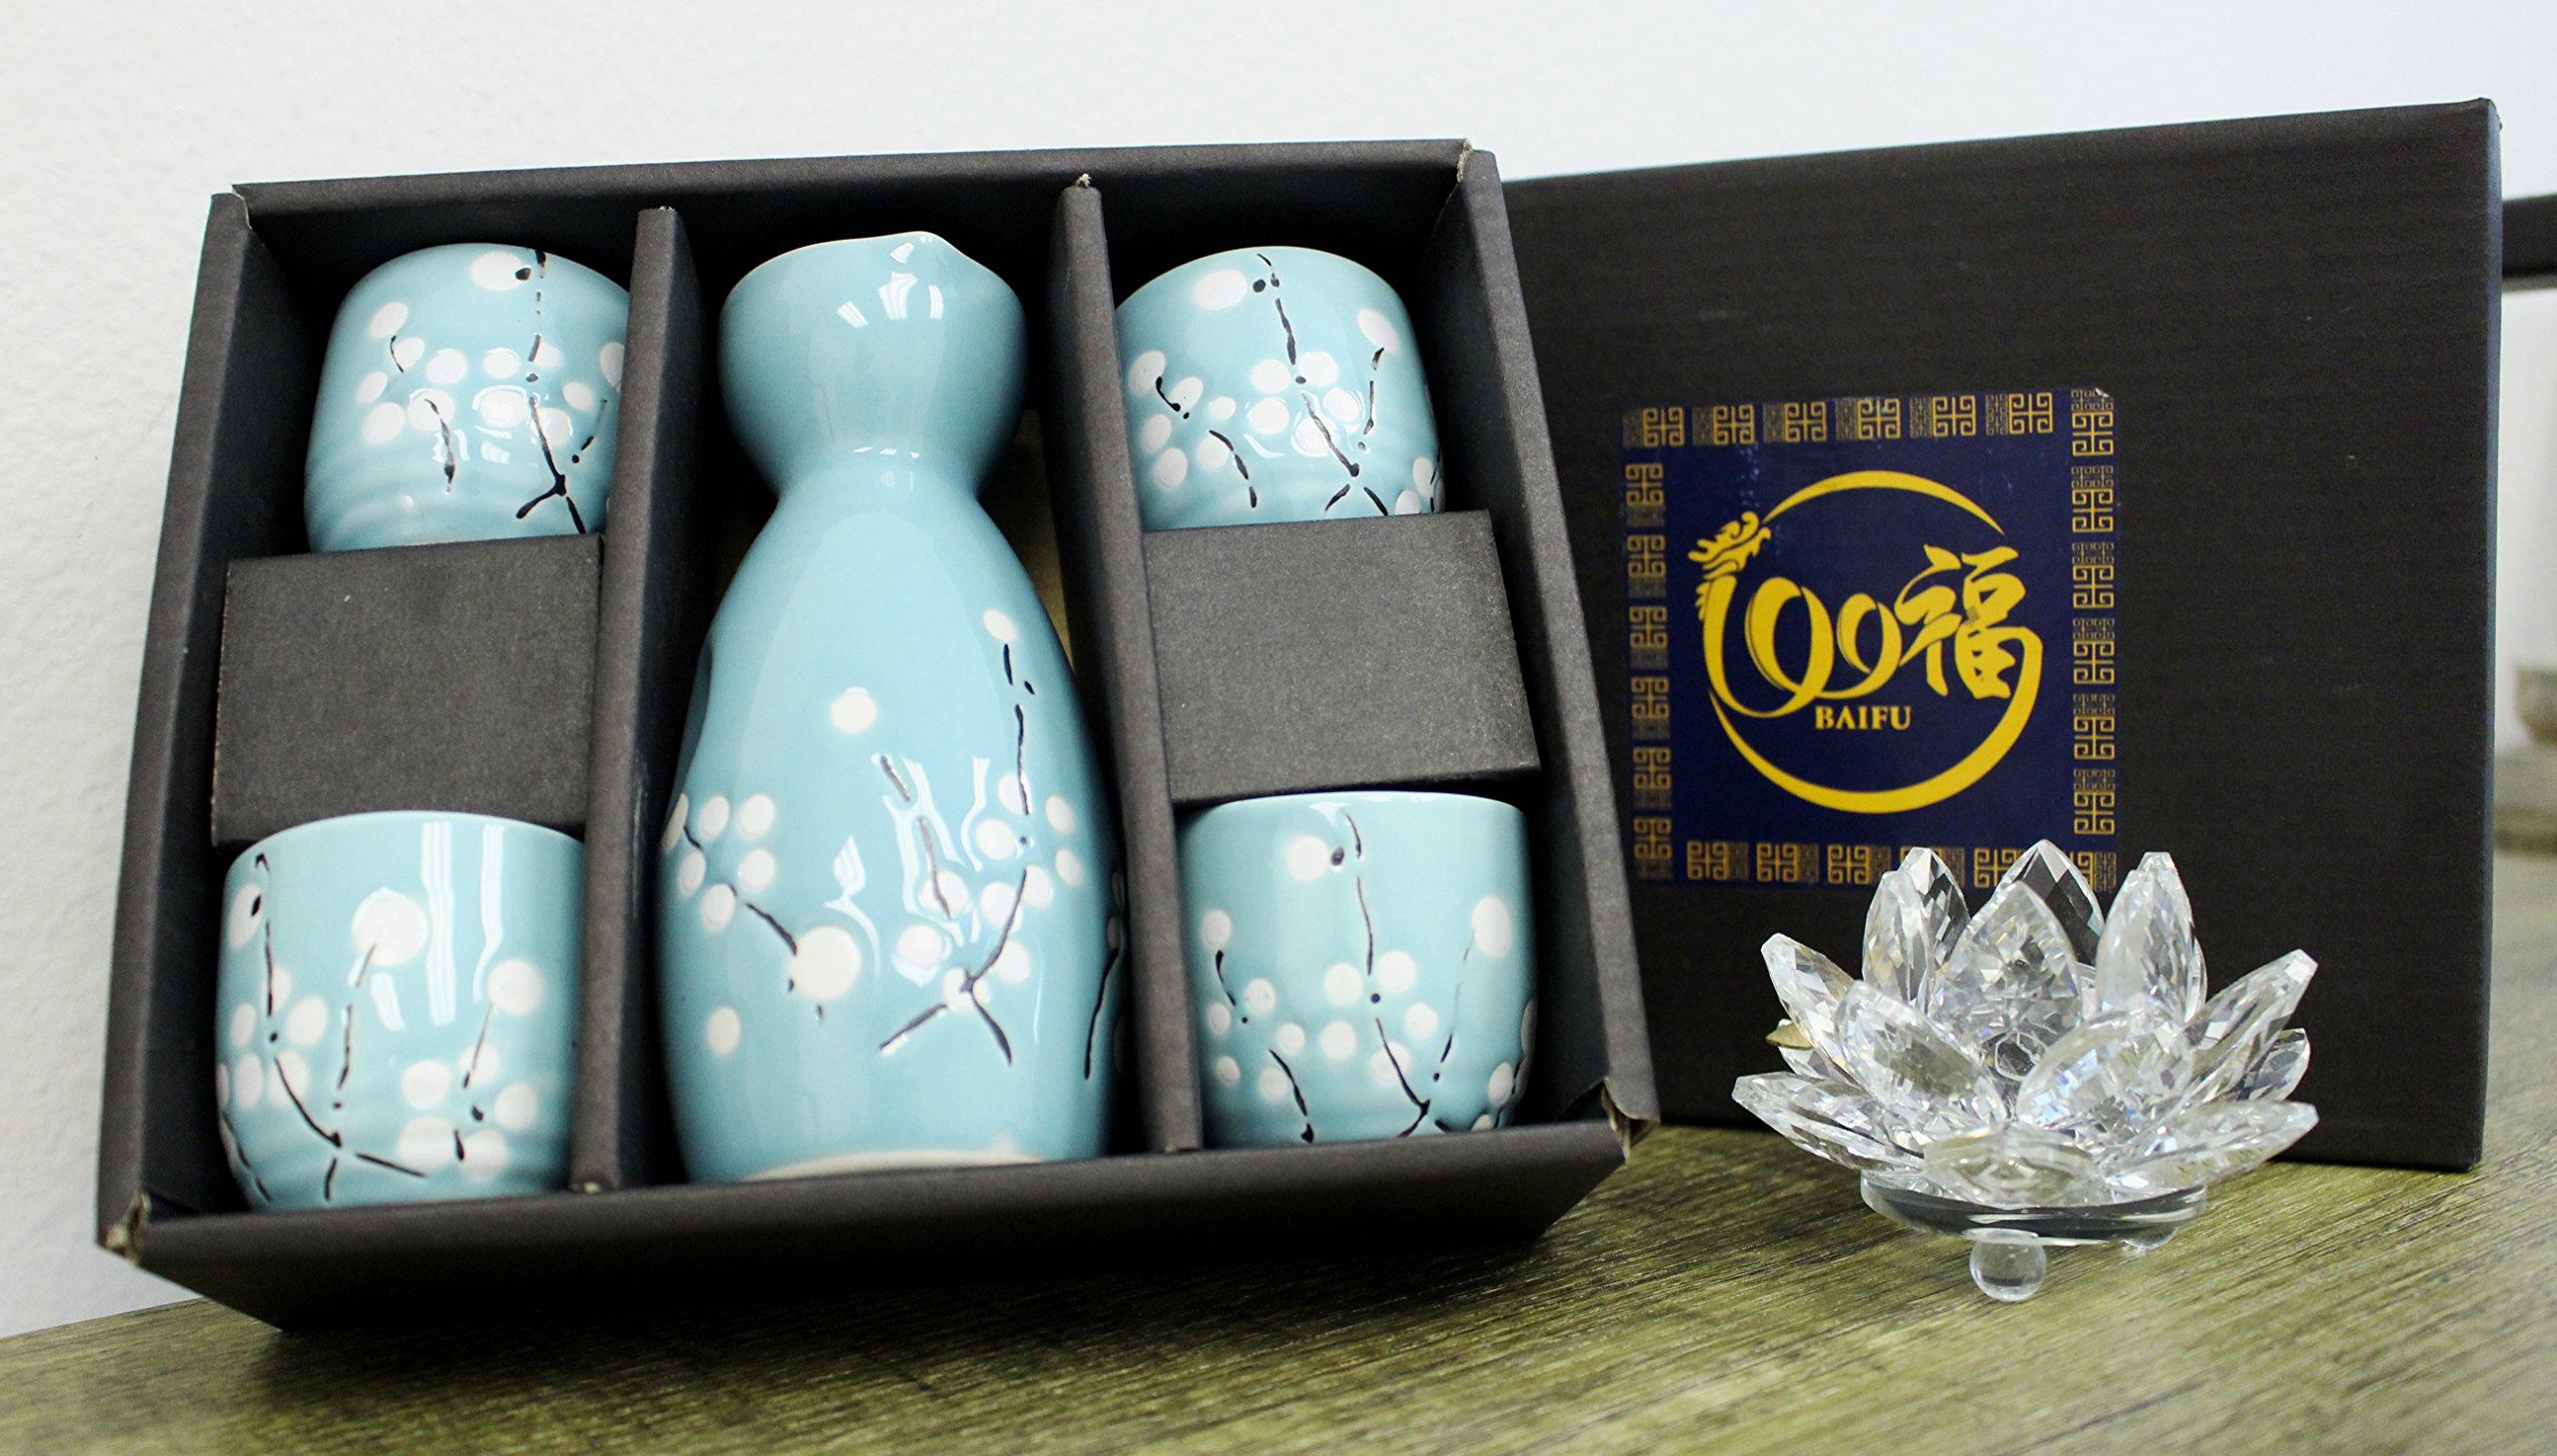 Blue Winter Flower Japanese flower Porcelain Sake Set with 4 Cups 1 Decanter / Bottle / Carafe